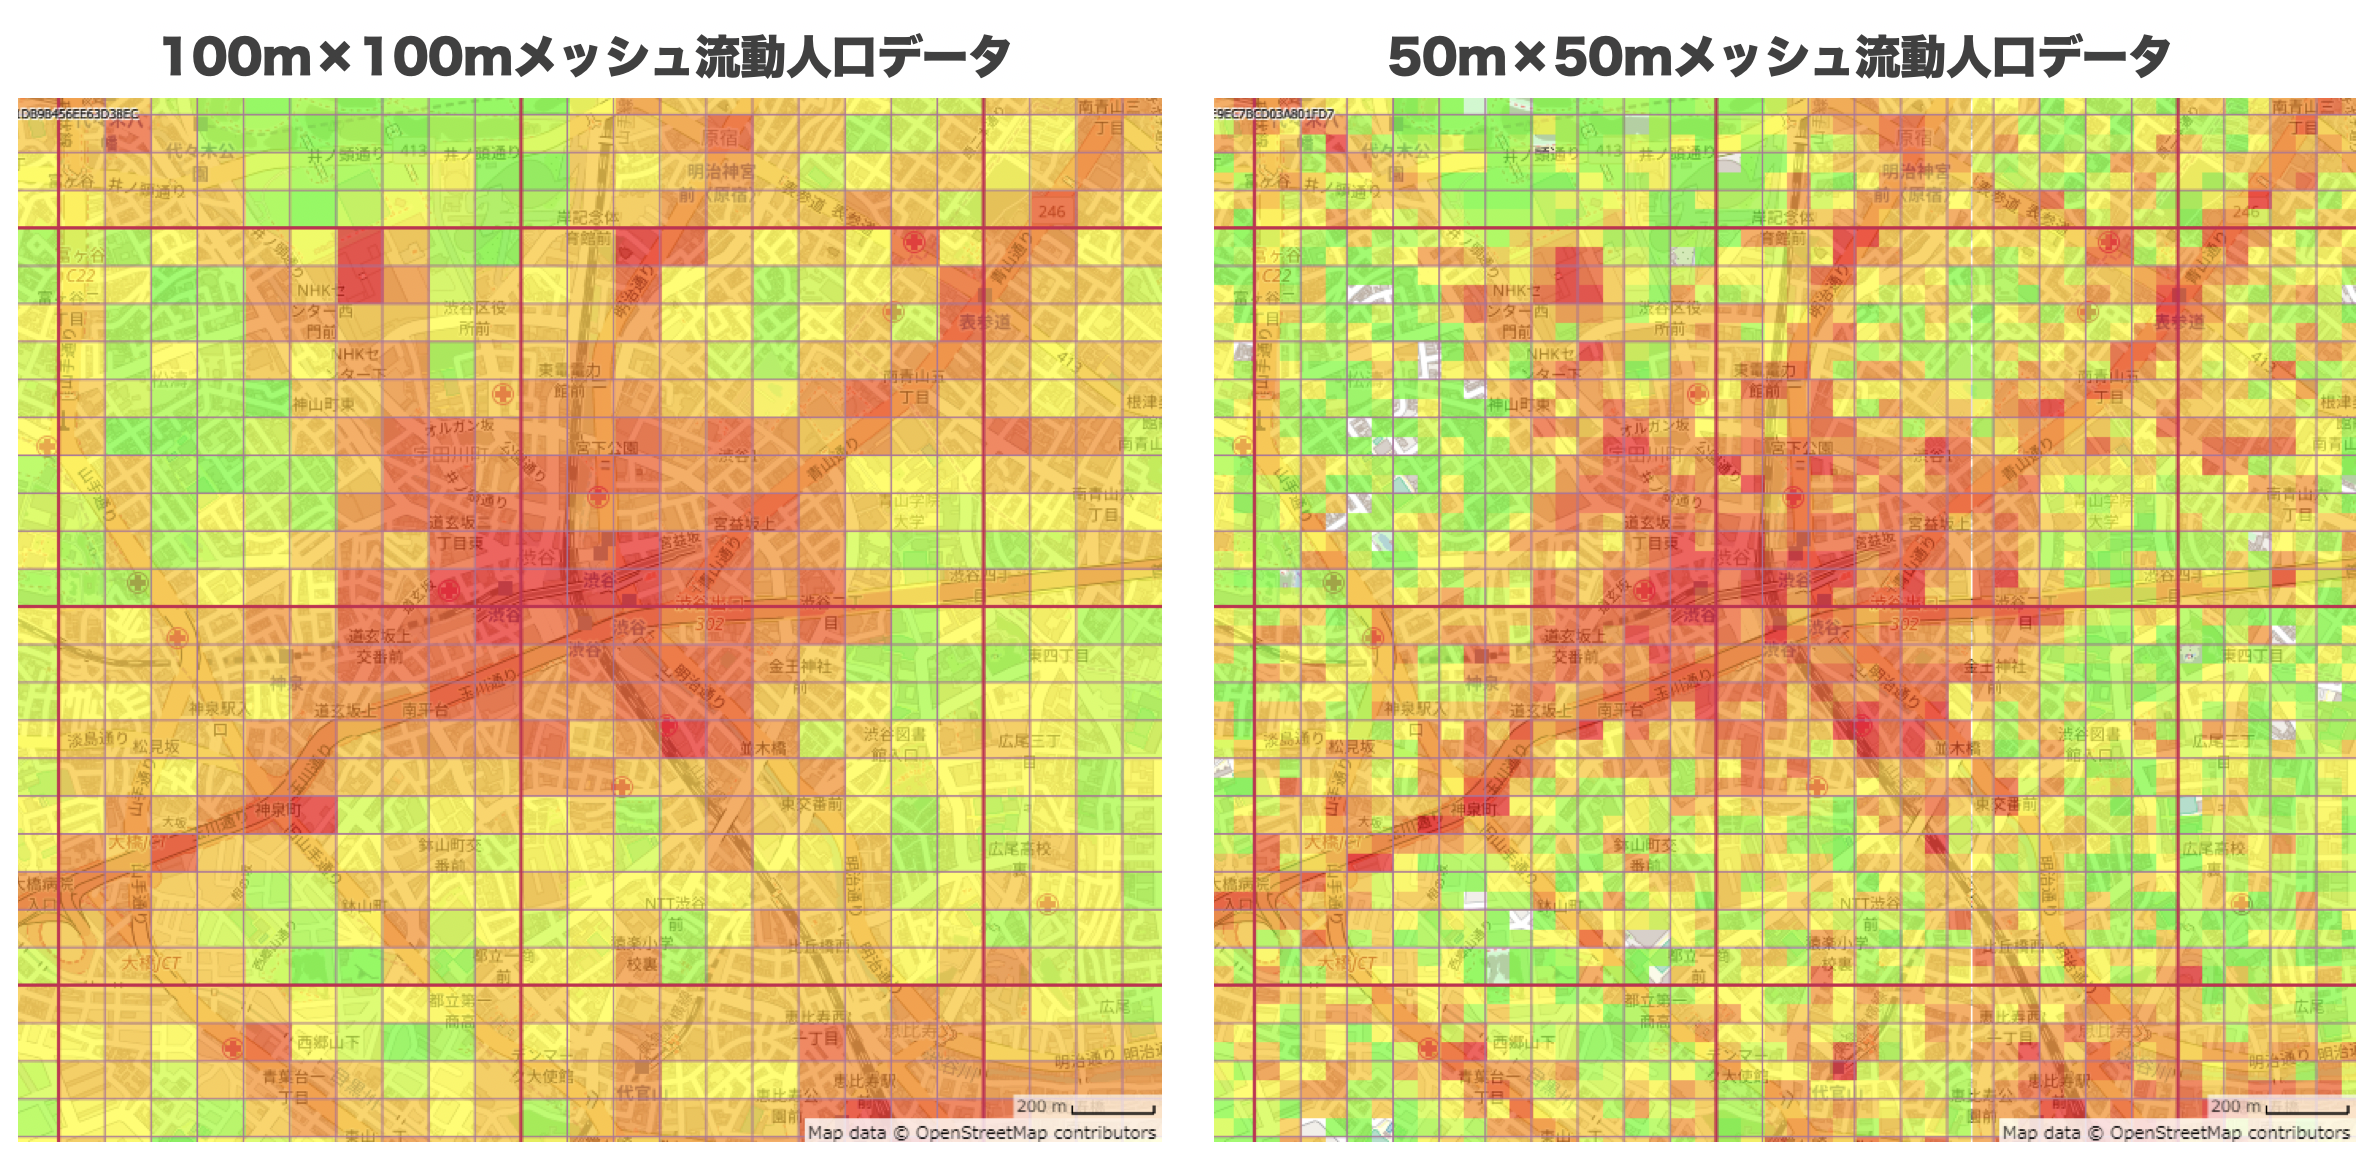 50m×50mの流動人口データ